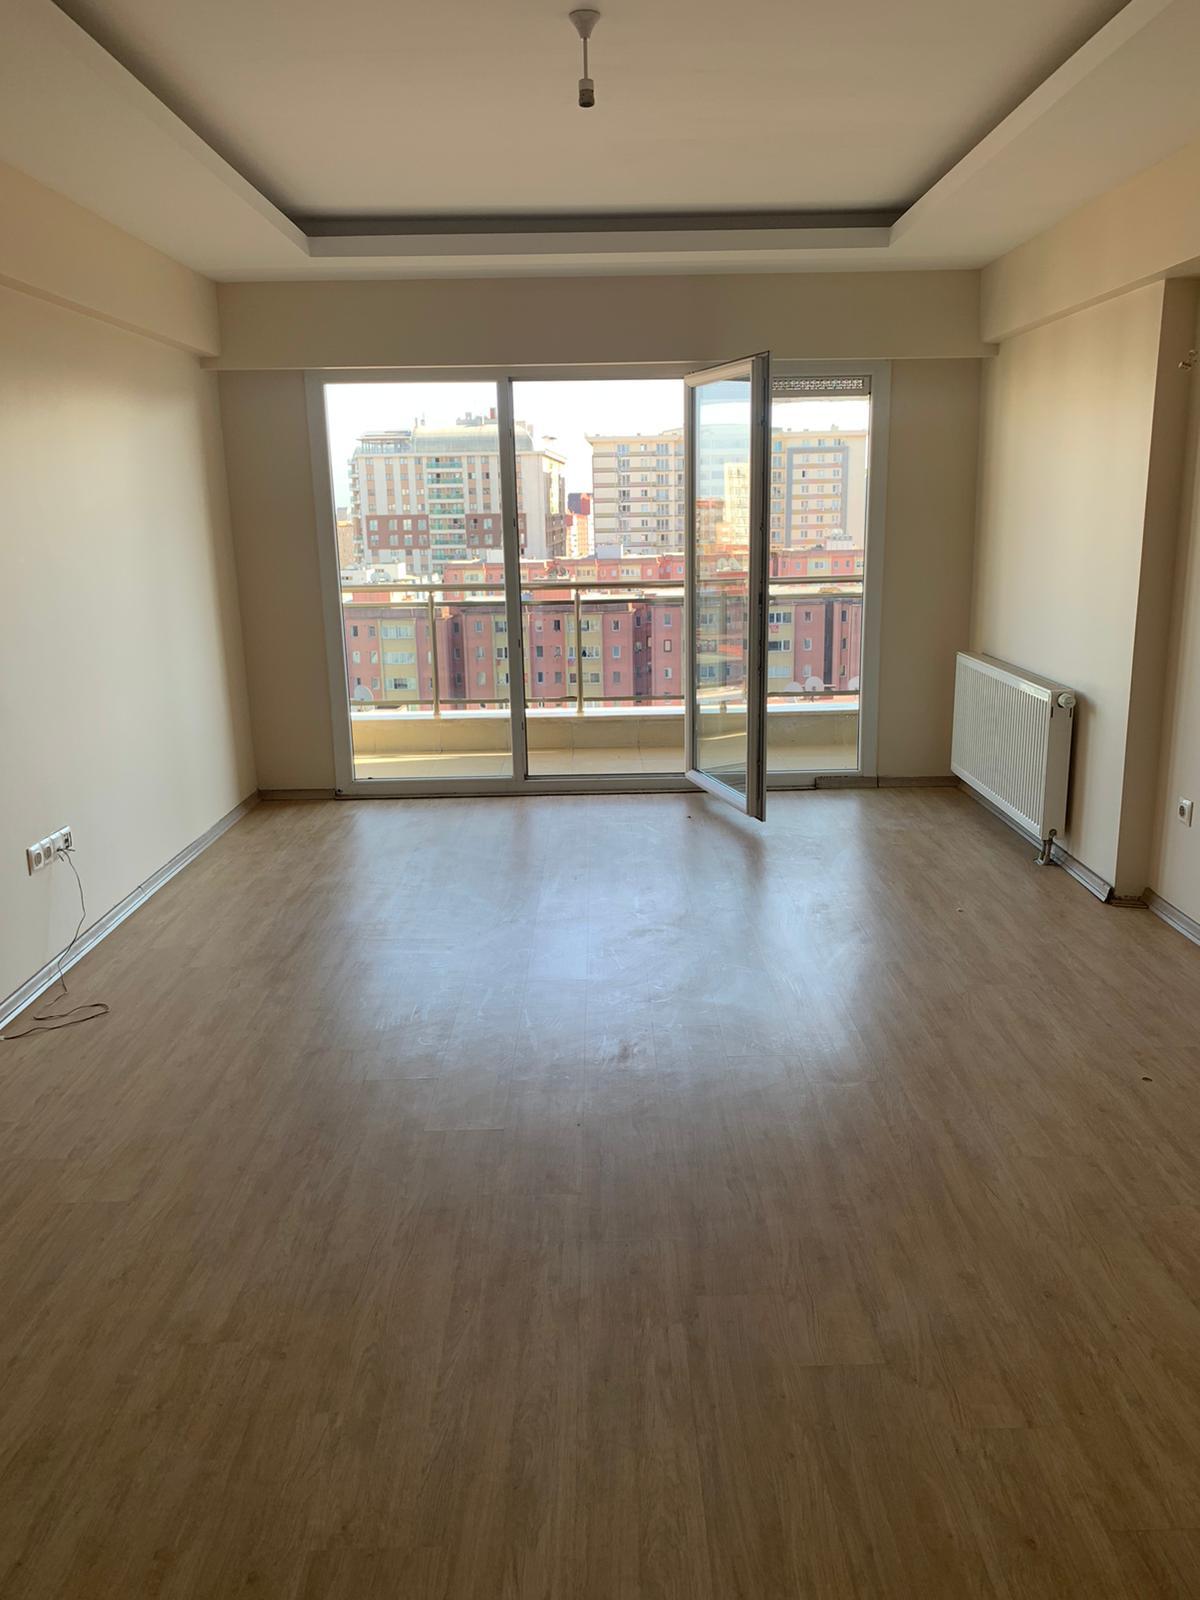 شقة 2+1 في اسنيورت